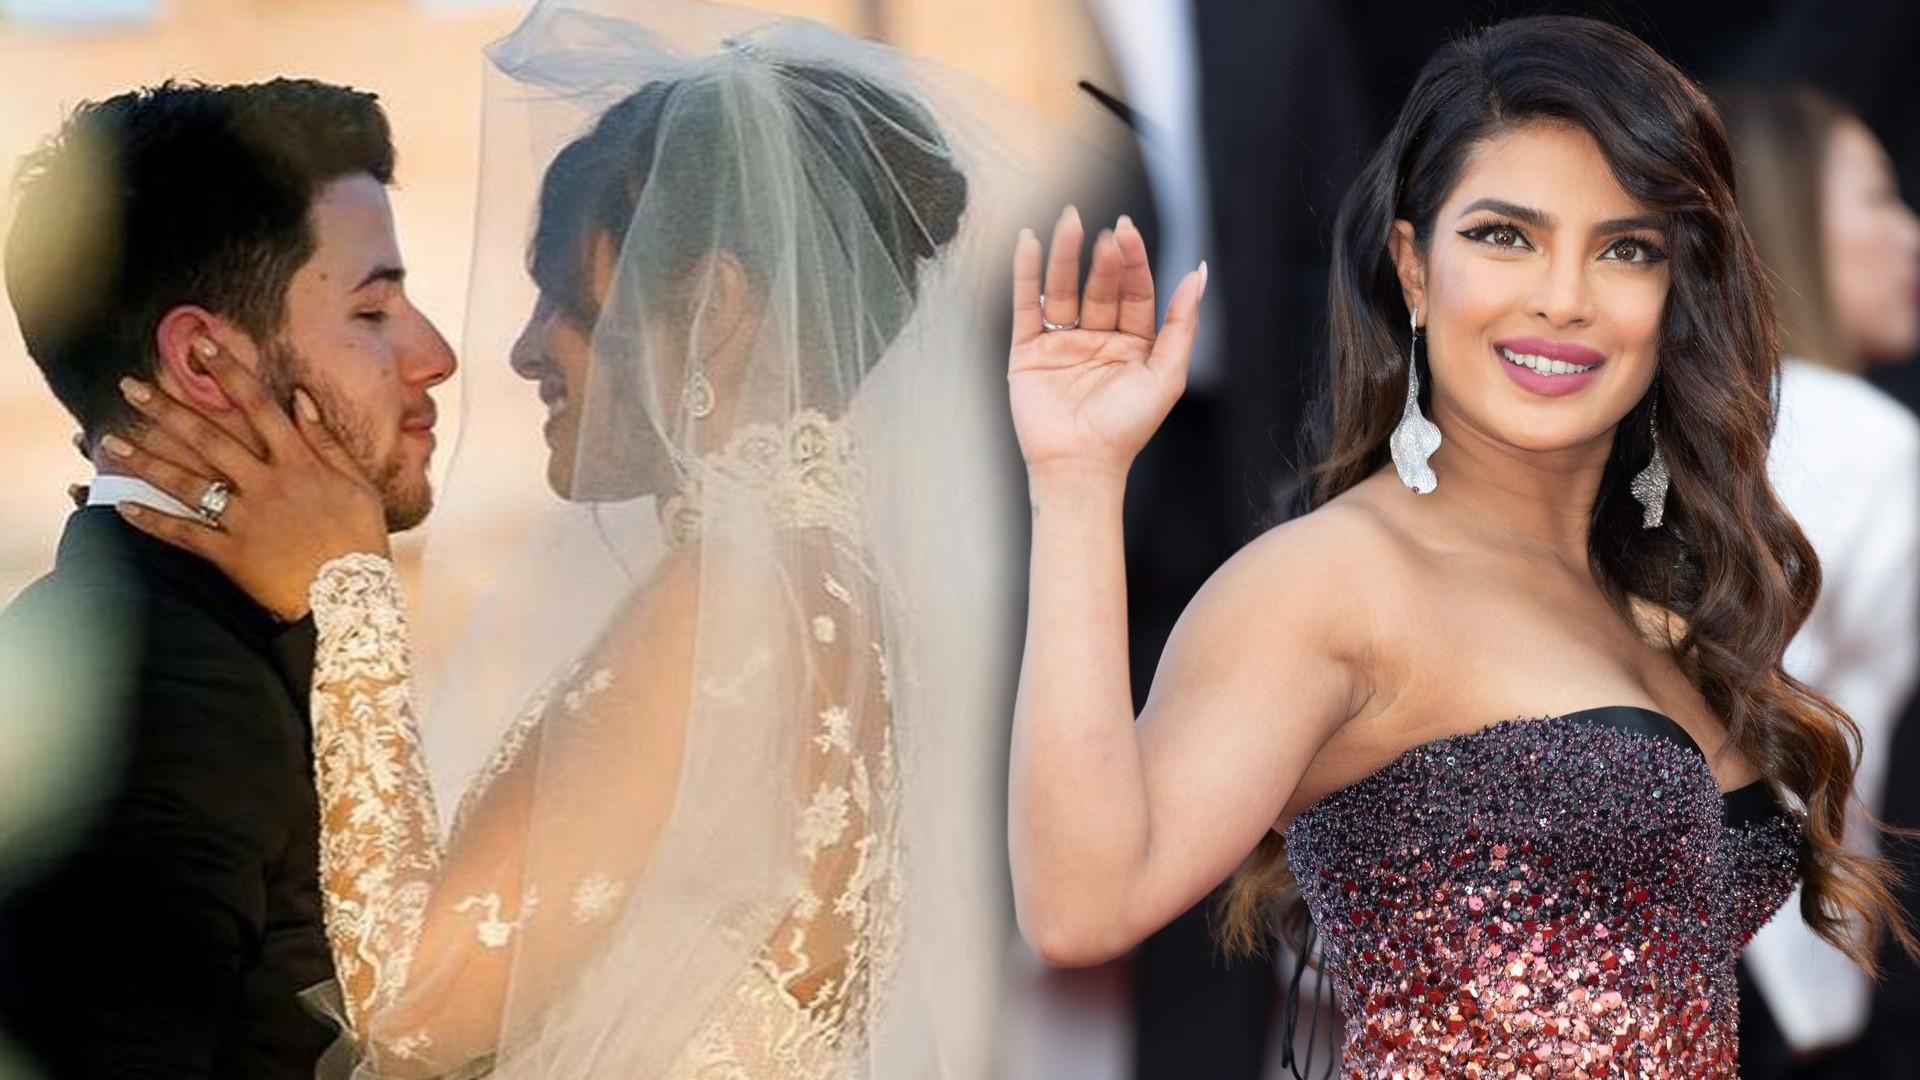 Zakochani Nick Jonas i Priyanka Chopra świętują rocznicę ślubu na Instagramie